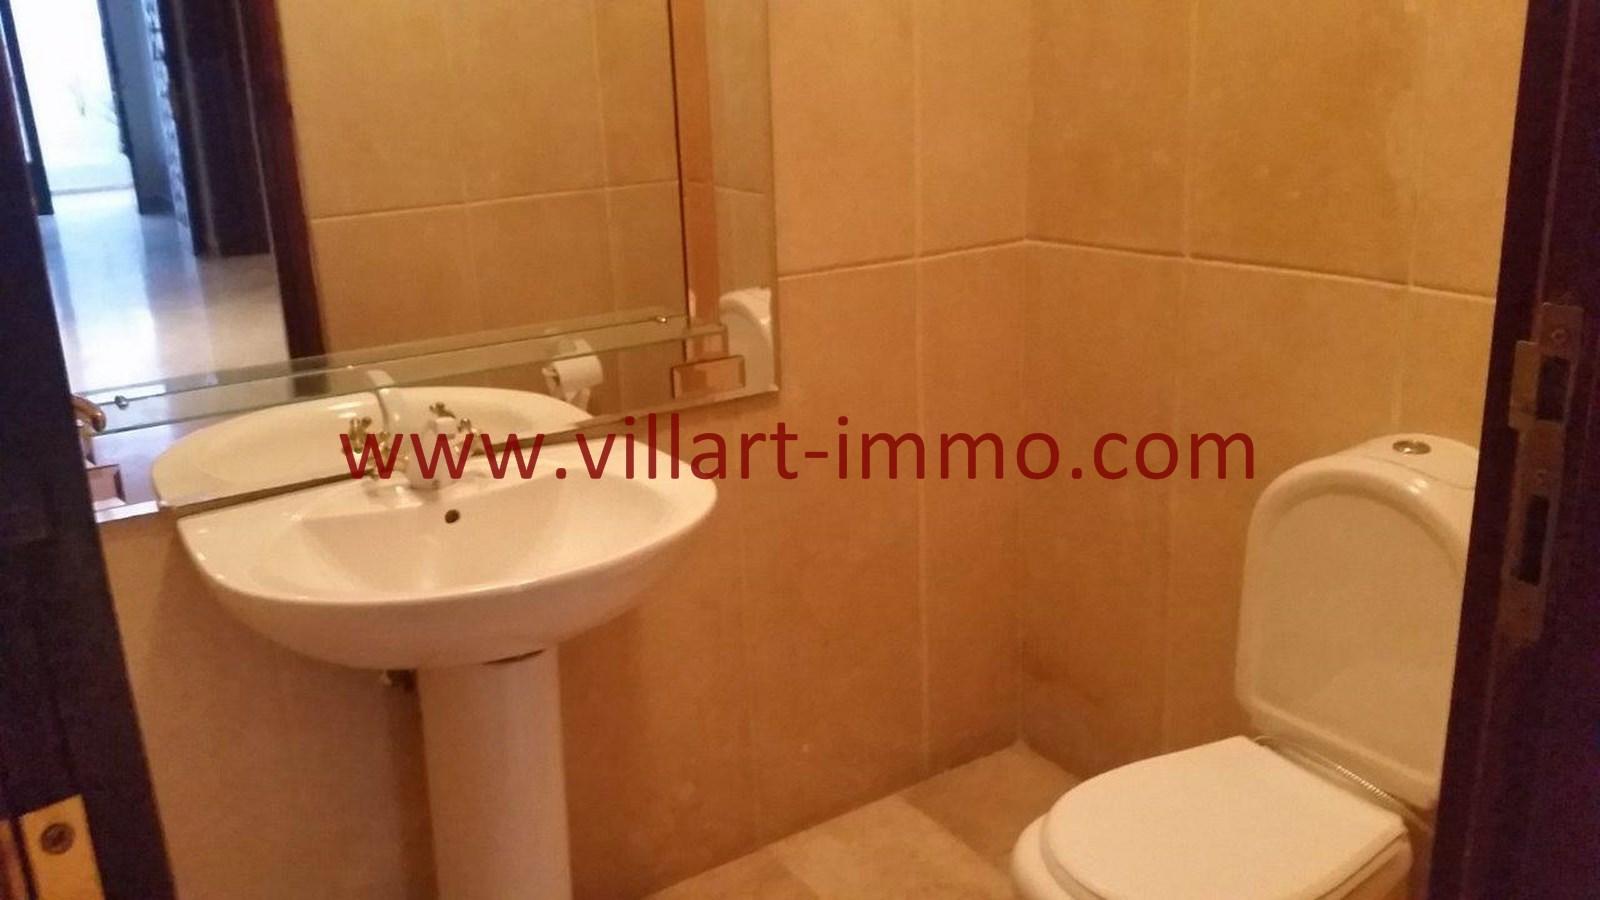 5-a-louer-villa-non-meublee-tanger-salle-de-bain-1-lv901-villart-immo